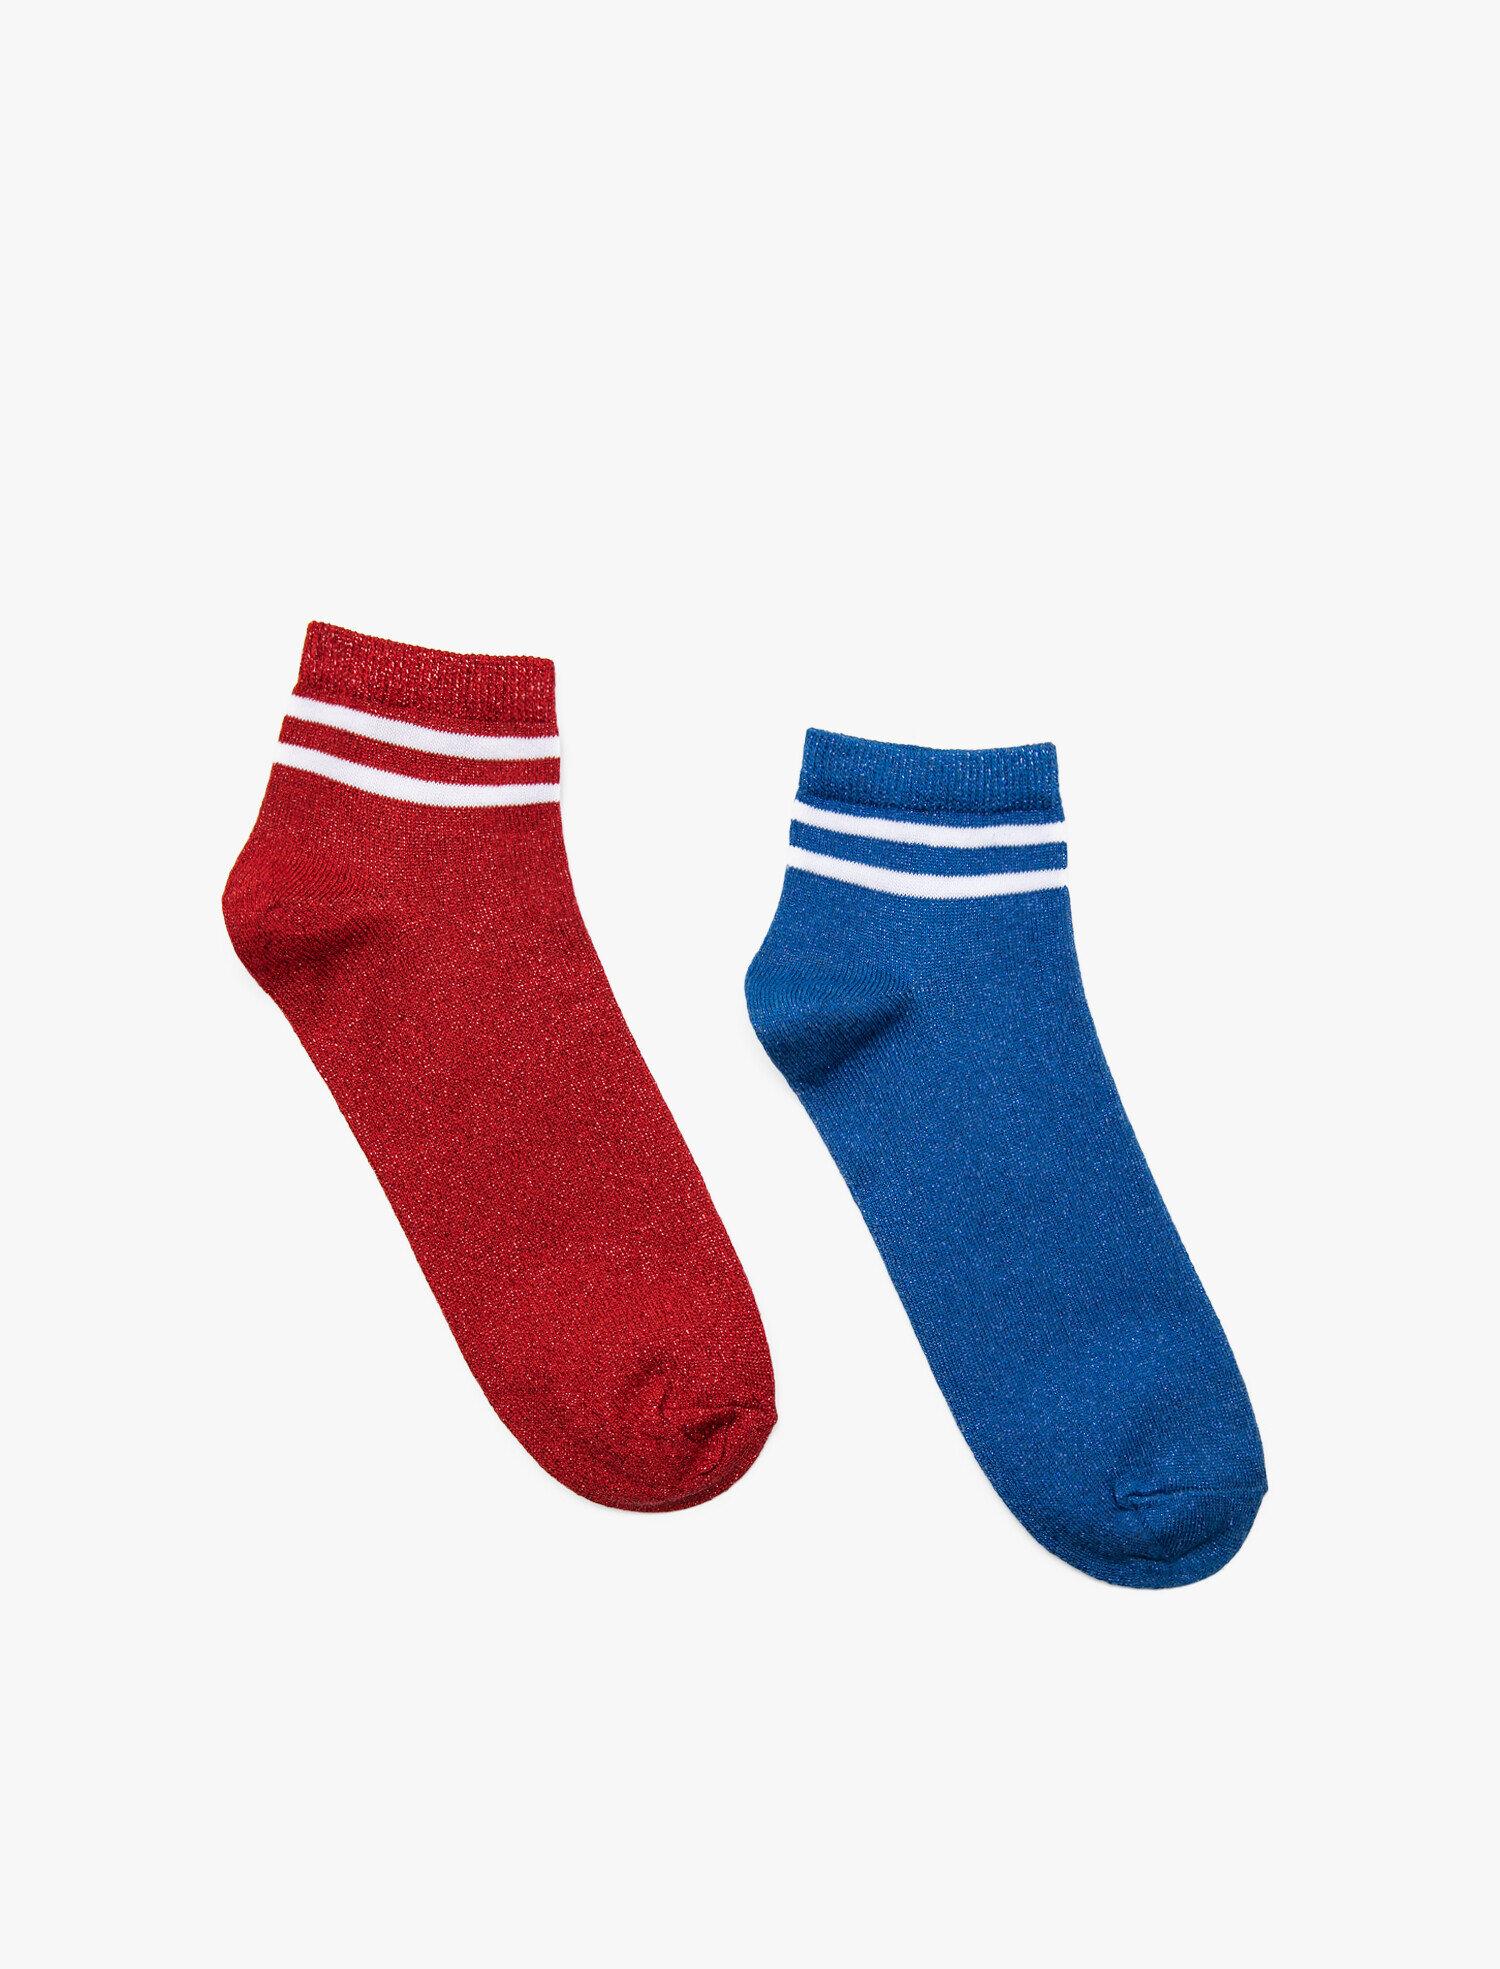 Koton Kadın Kadin 2 li Çorap Mavi Ürün Resmi